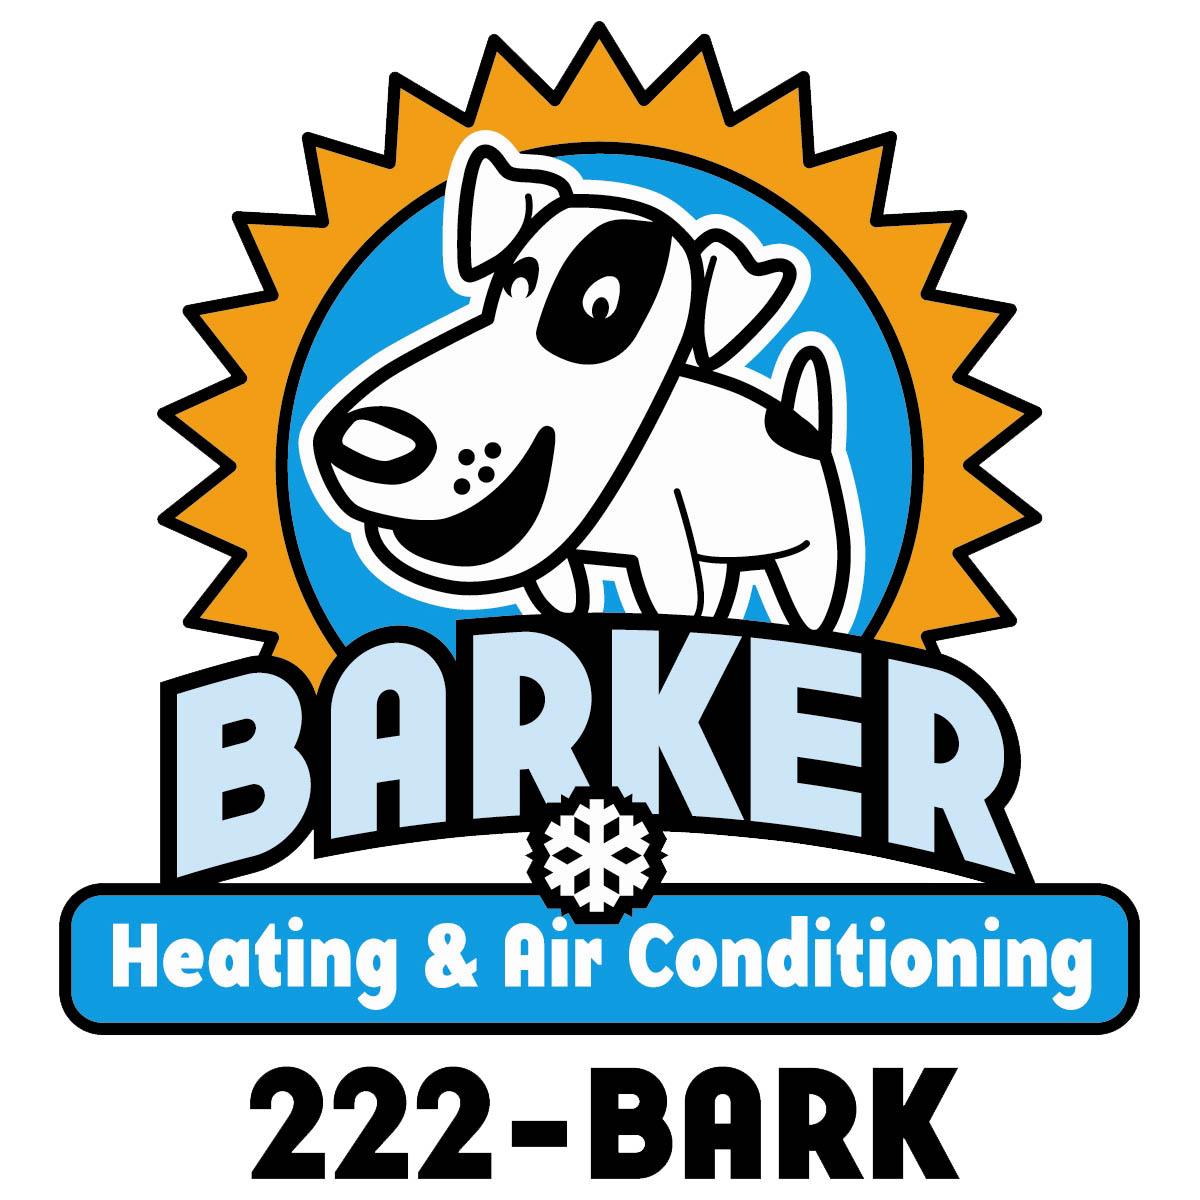 Barker HVAC